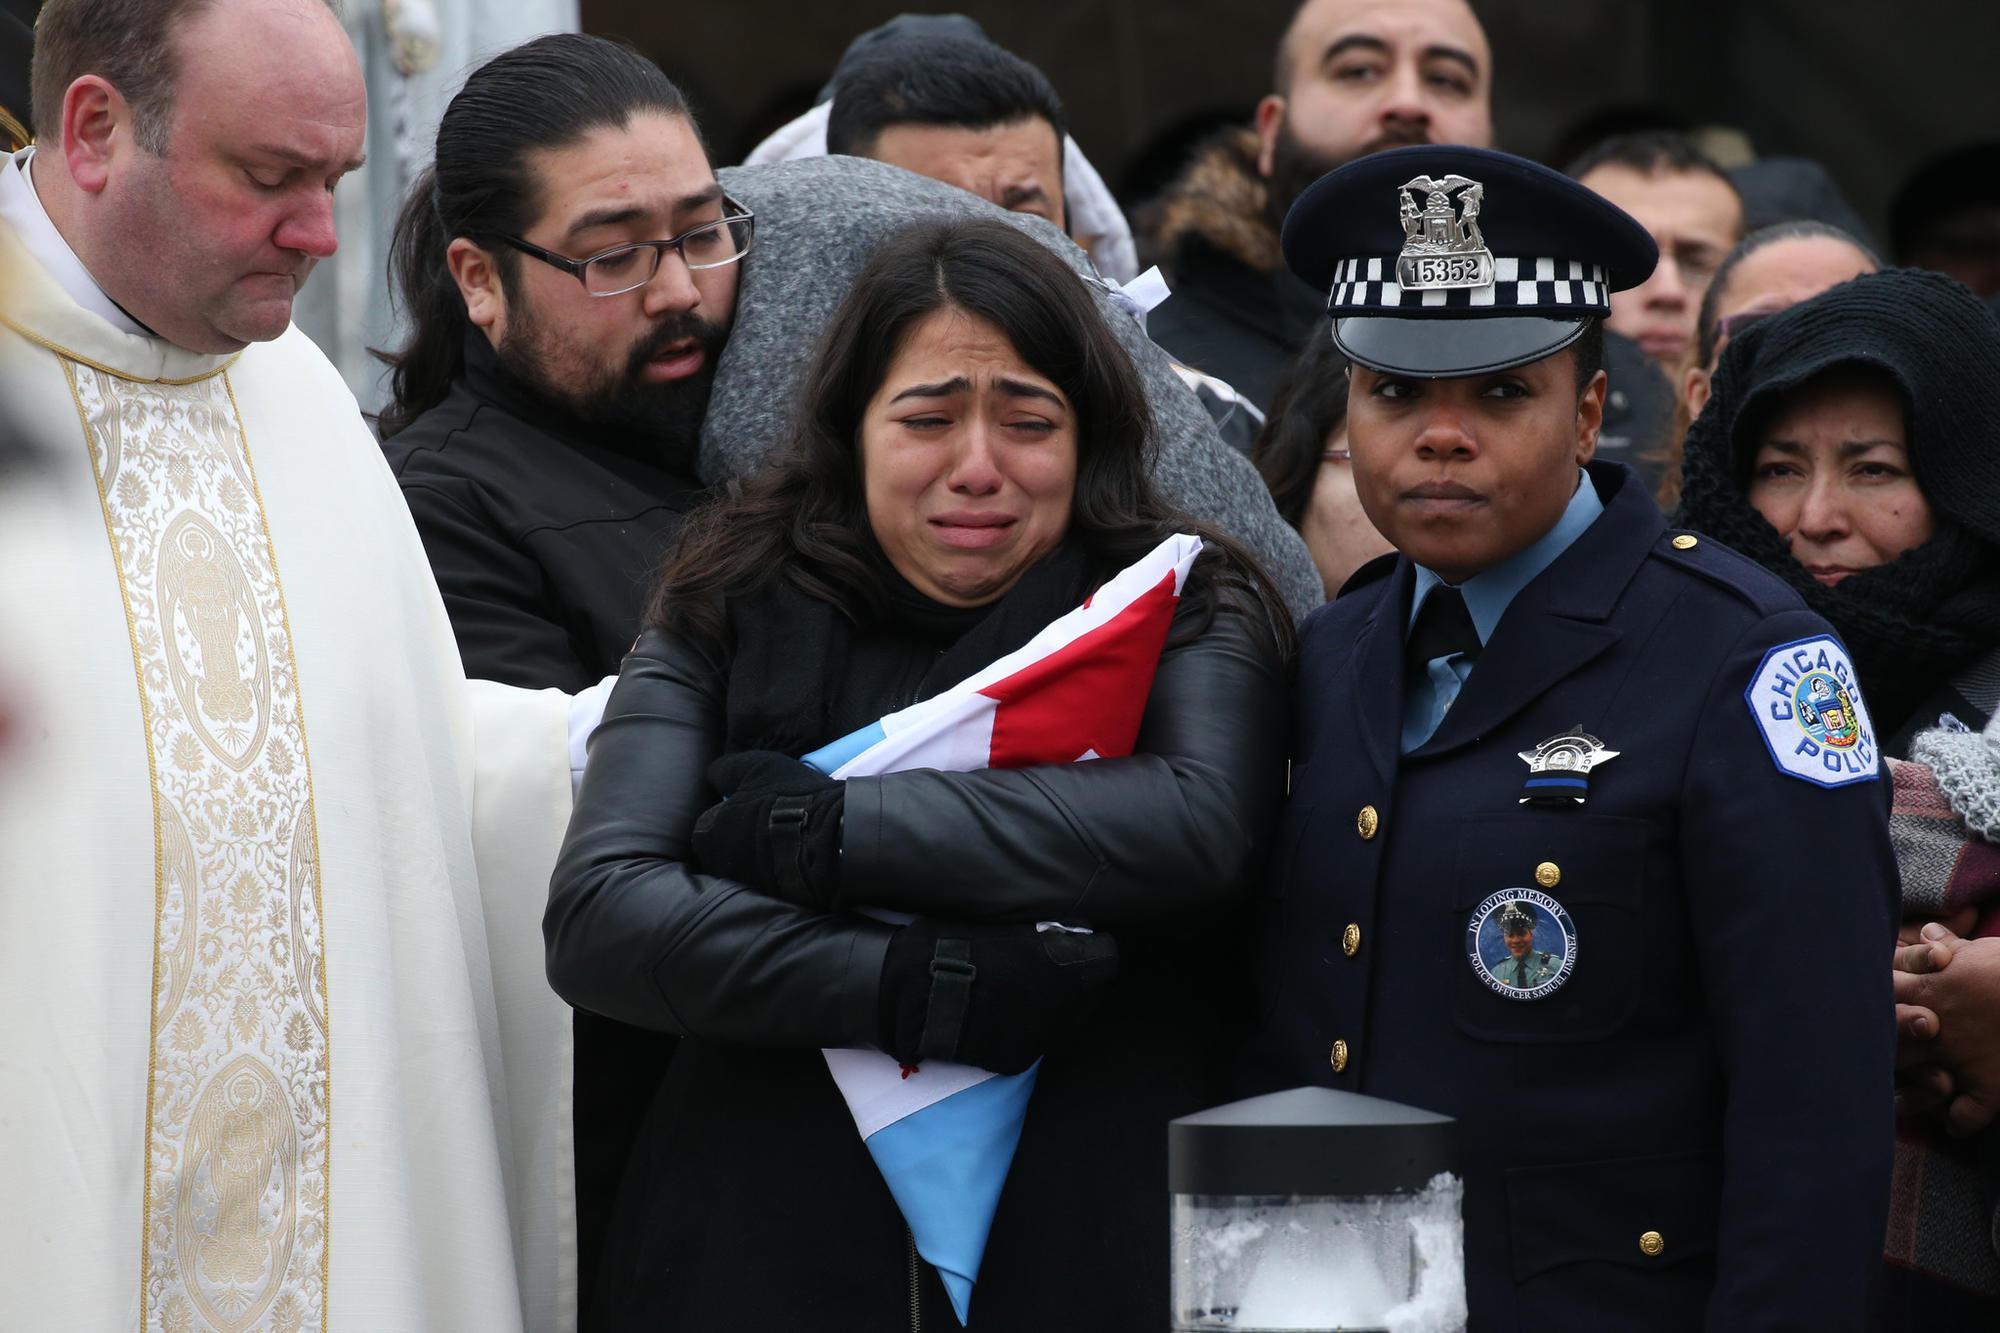 slain chicago police officer samuel jimenez remembered as loving